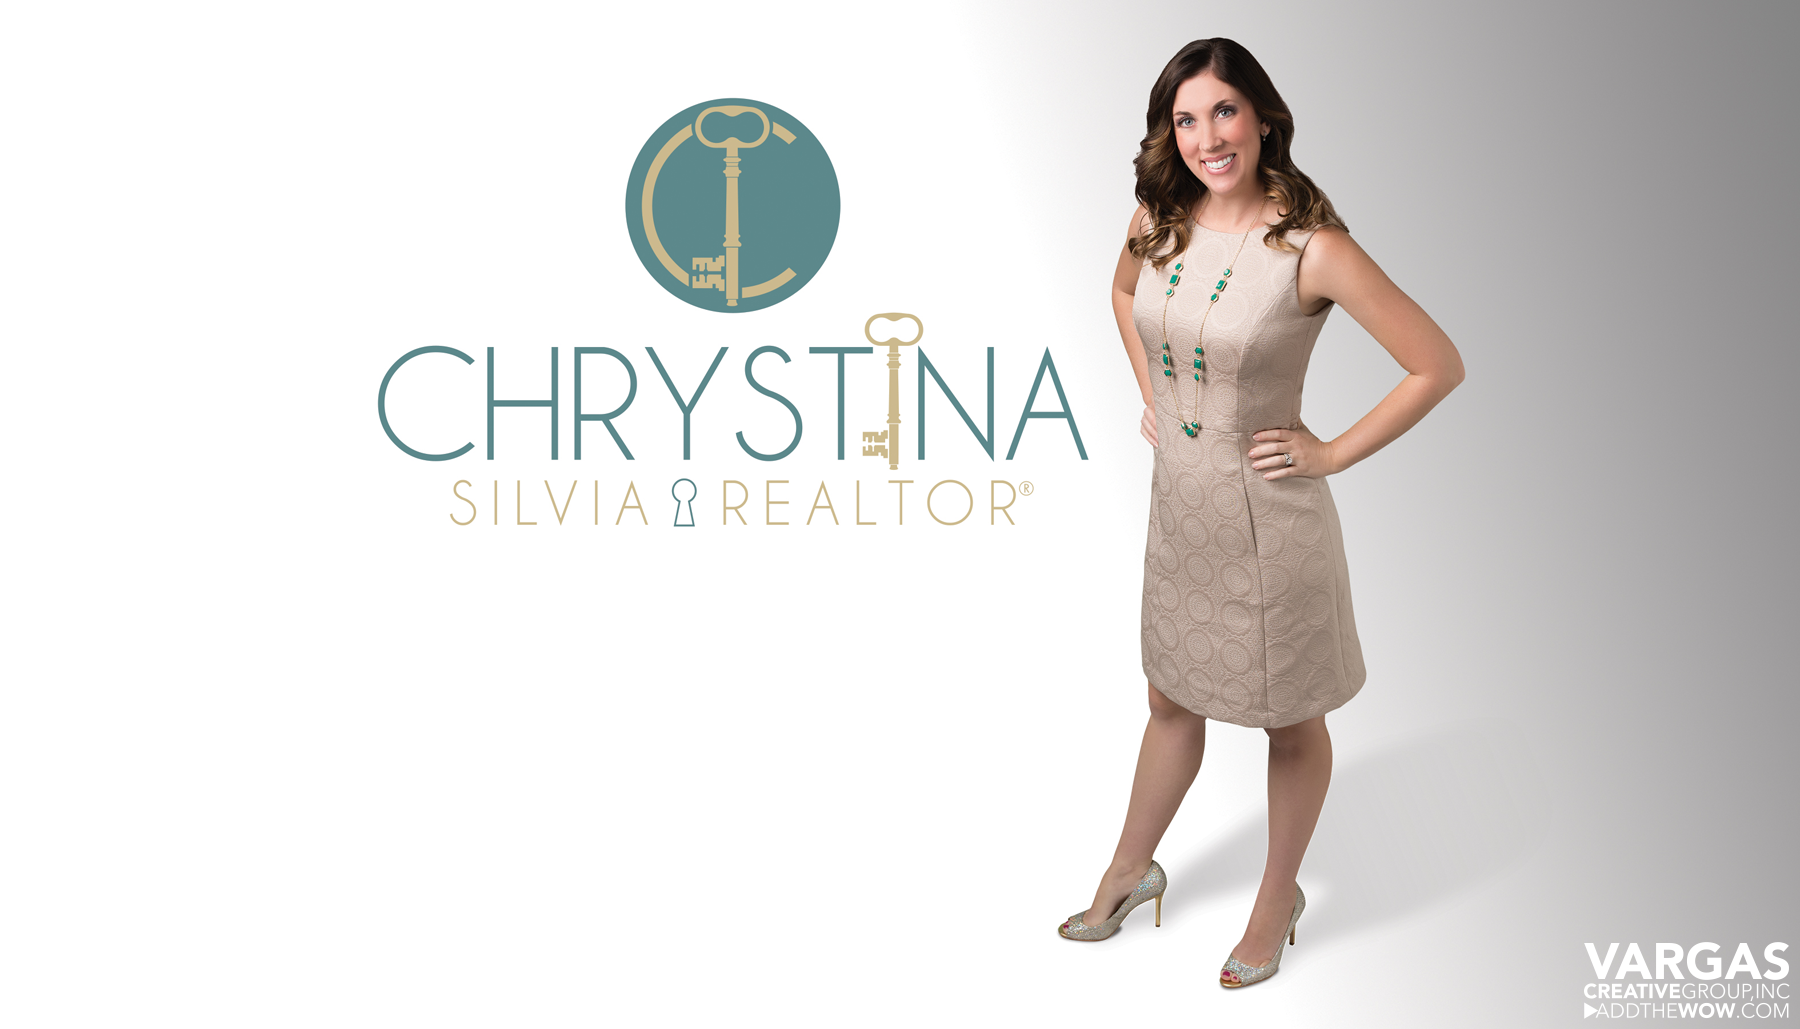 Chrystina-Silvia-Branding.png